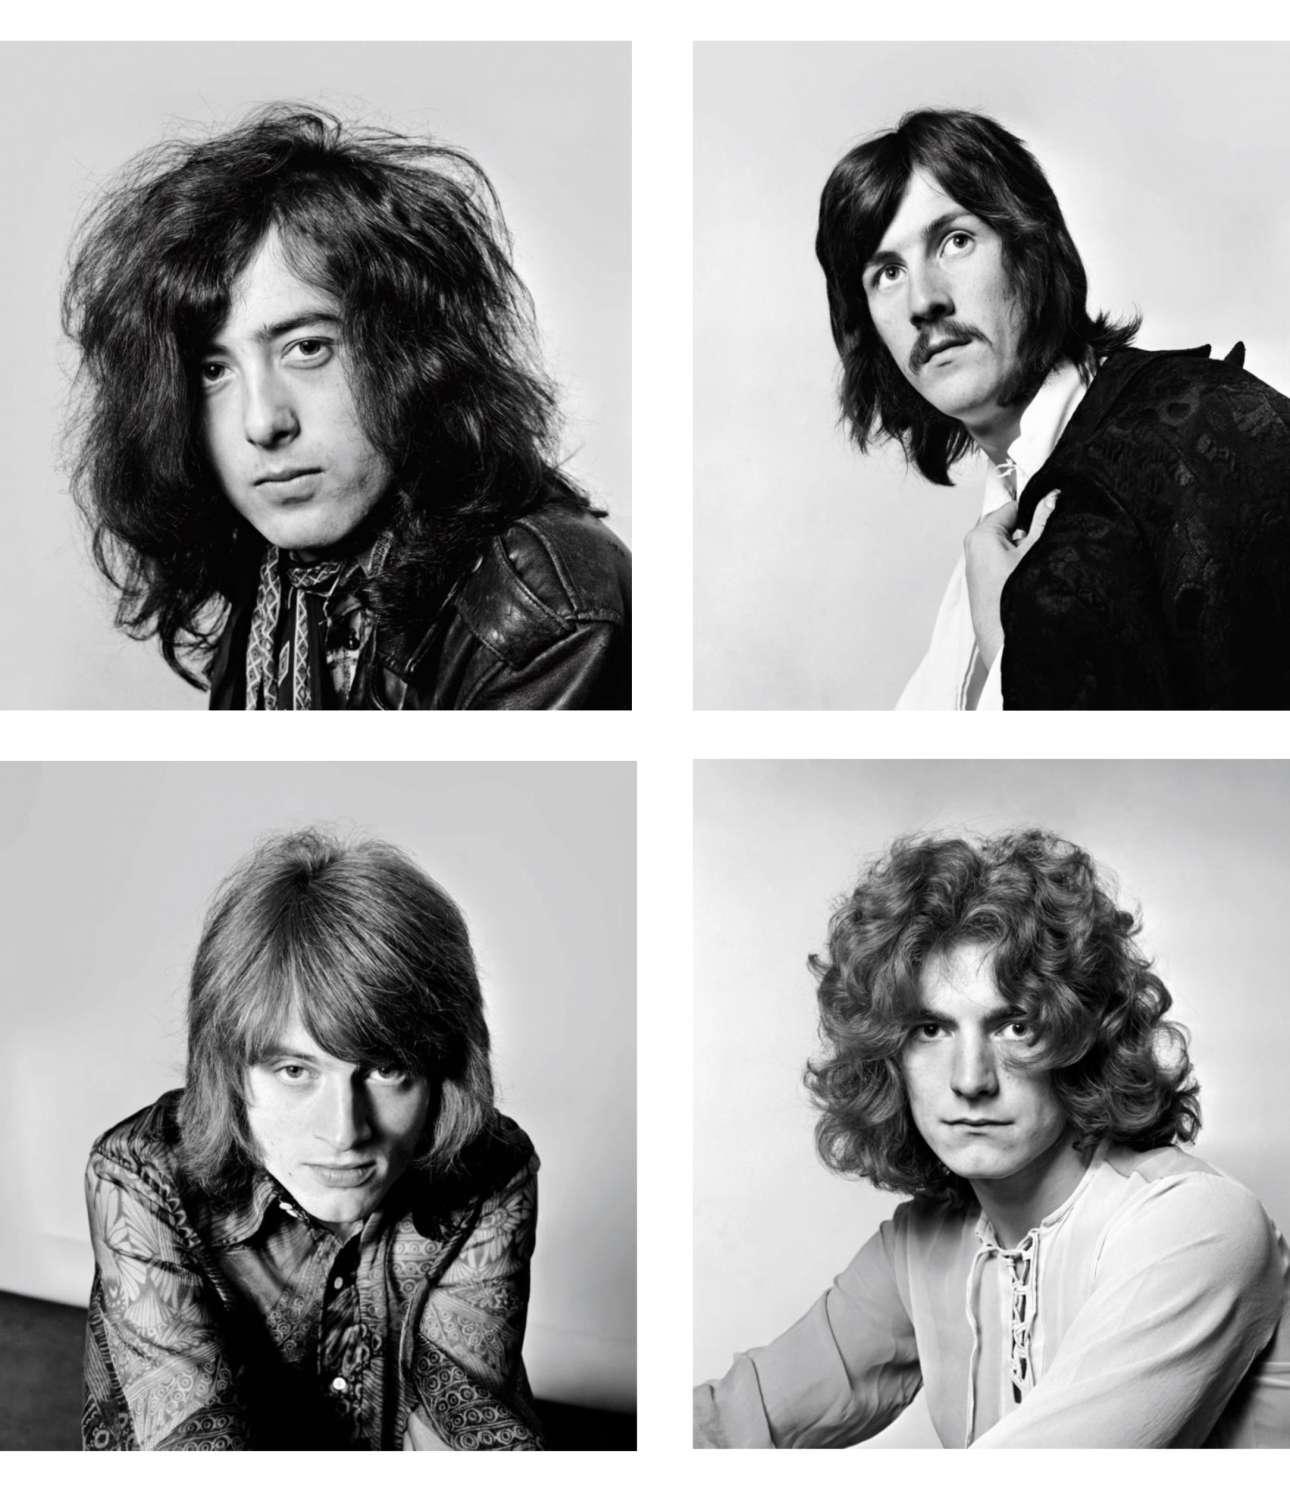 Από αριστερά και δεξιόστροφα: Τζίμι Πέιτζ, Τζον Μπόναμ, Τζον Πολ Τζόουνς και Ρόμπερτ Πλαντ με χαρακτηριστικό βρετανικό στιλ, φωτογραφίζονται από τον Ντικ Μπάρνατ, το 1968